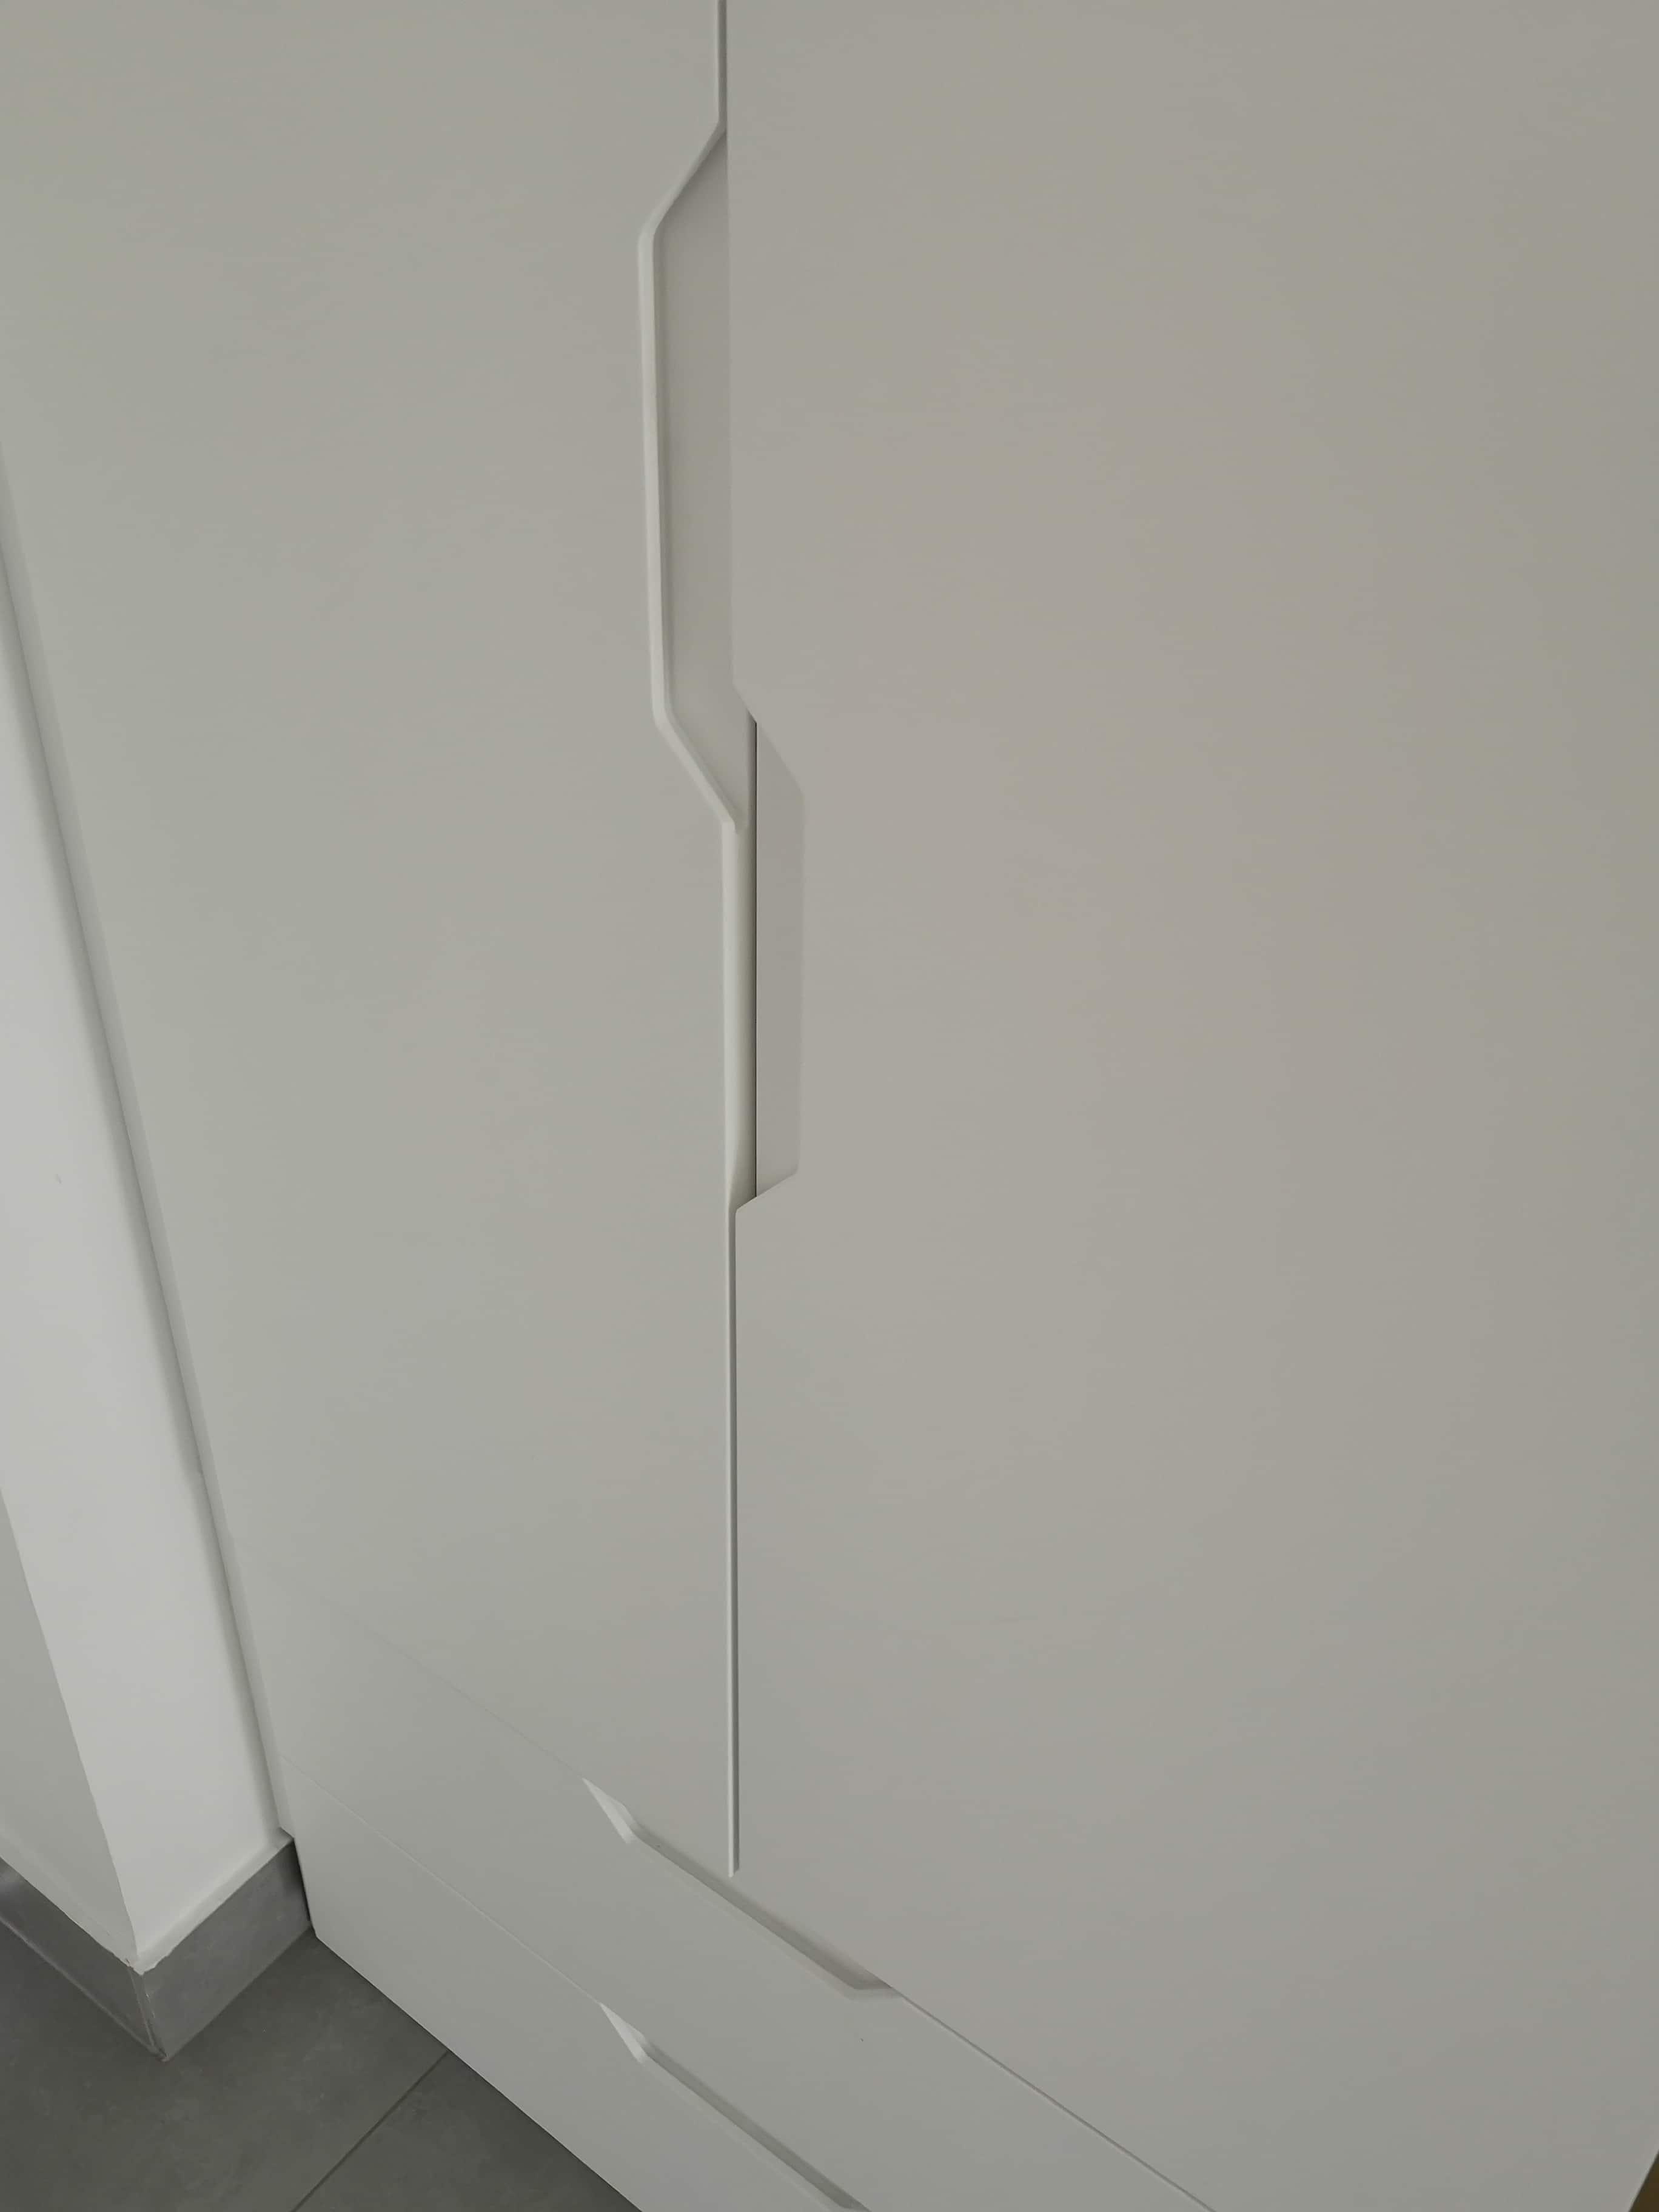 Játékos bemart fogantyú a szekrény ajtókon